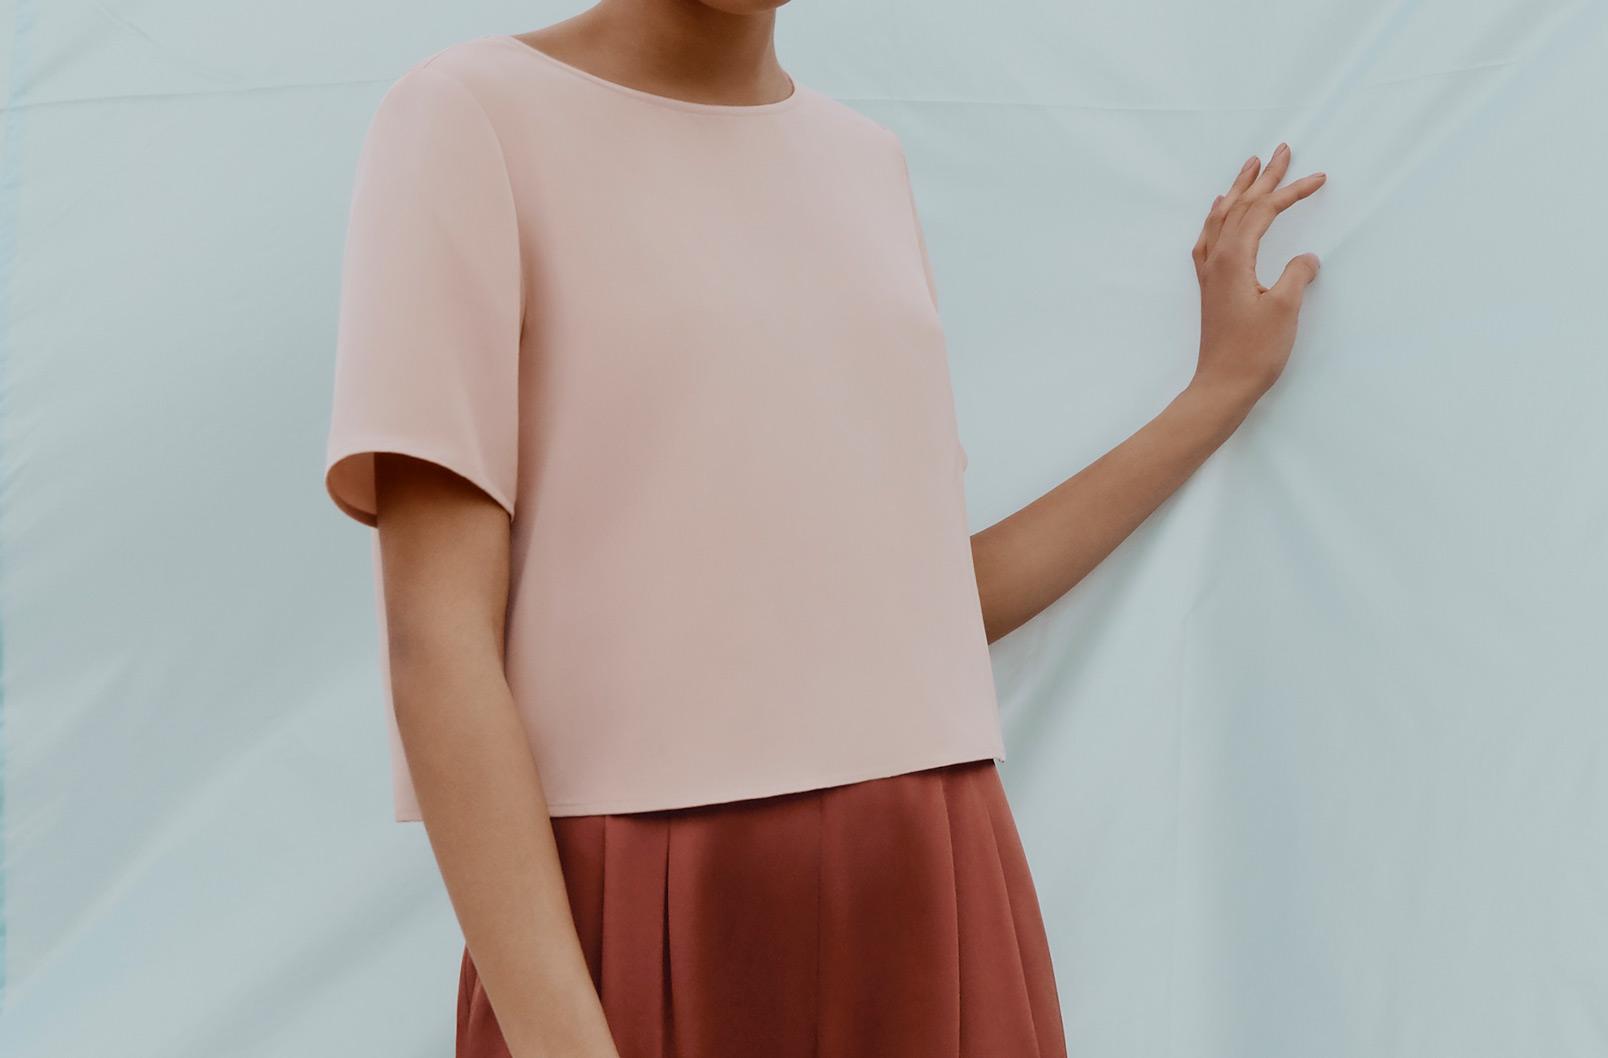 Model wearing Cuyana Silk Cropped Tee